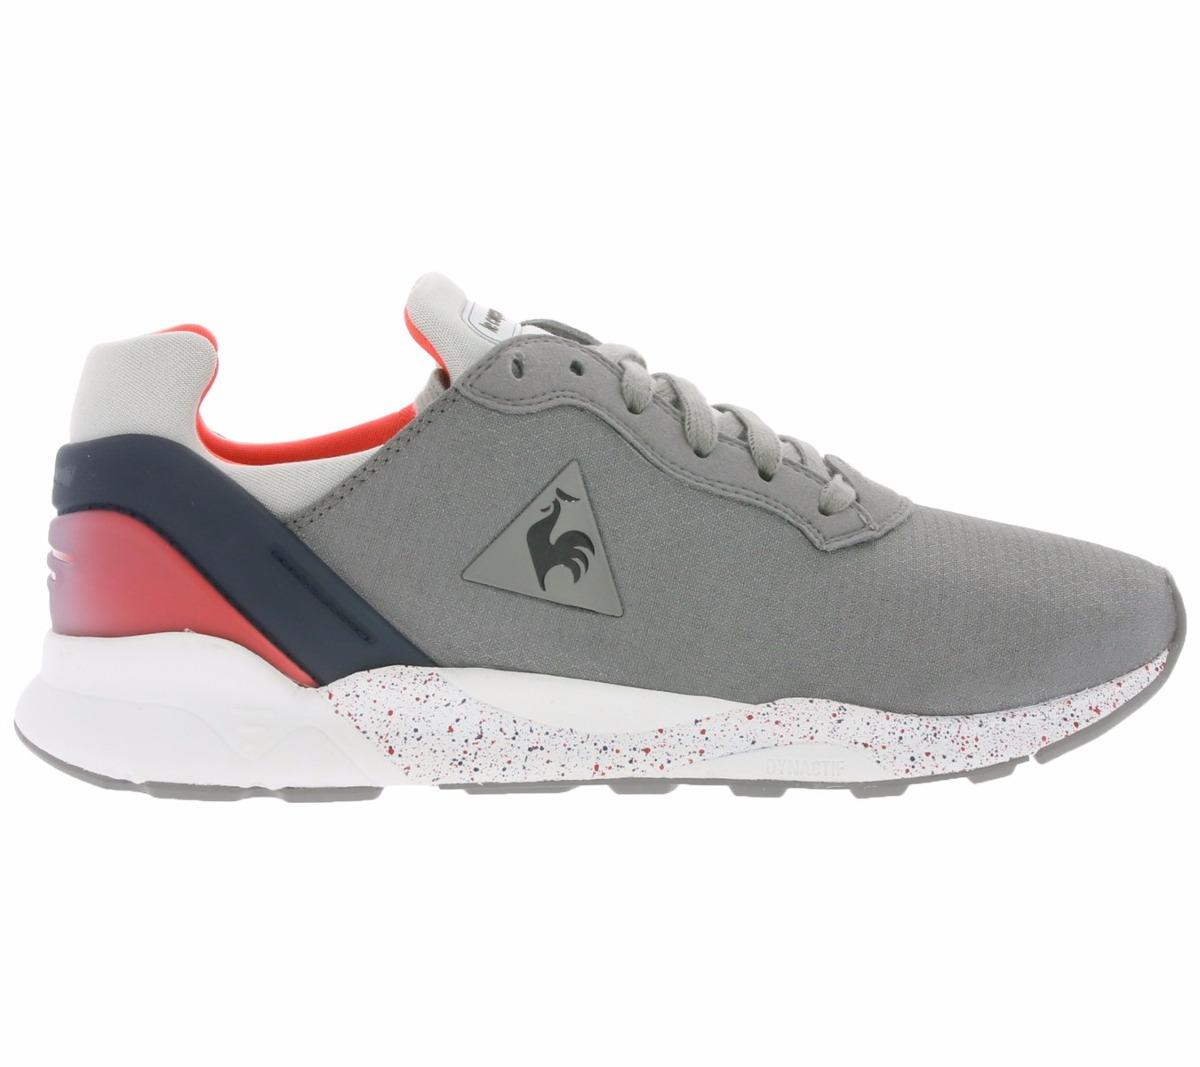 Tenis Coq R Sportif Lcs 000 Xvi Hombre Zapatos Le 1620884474 En D29IHYWE